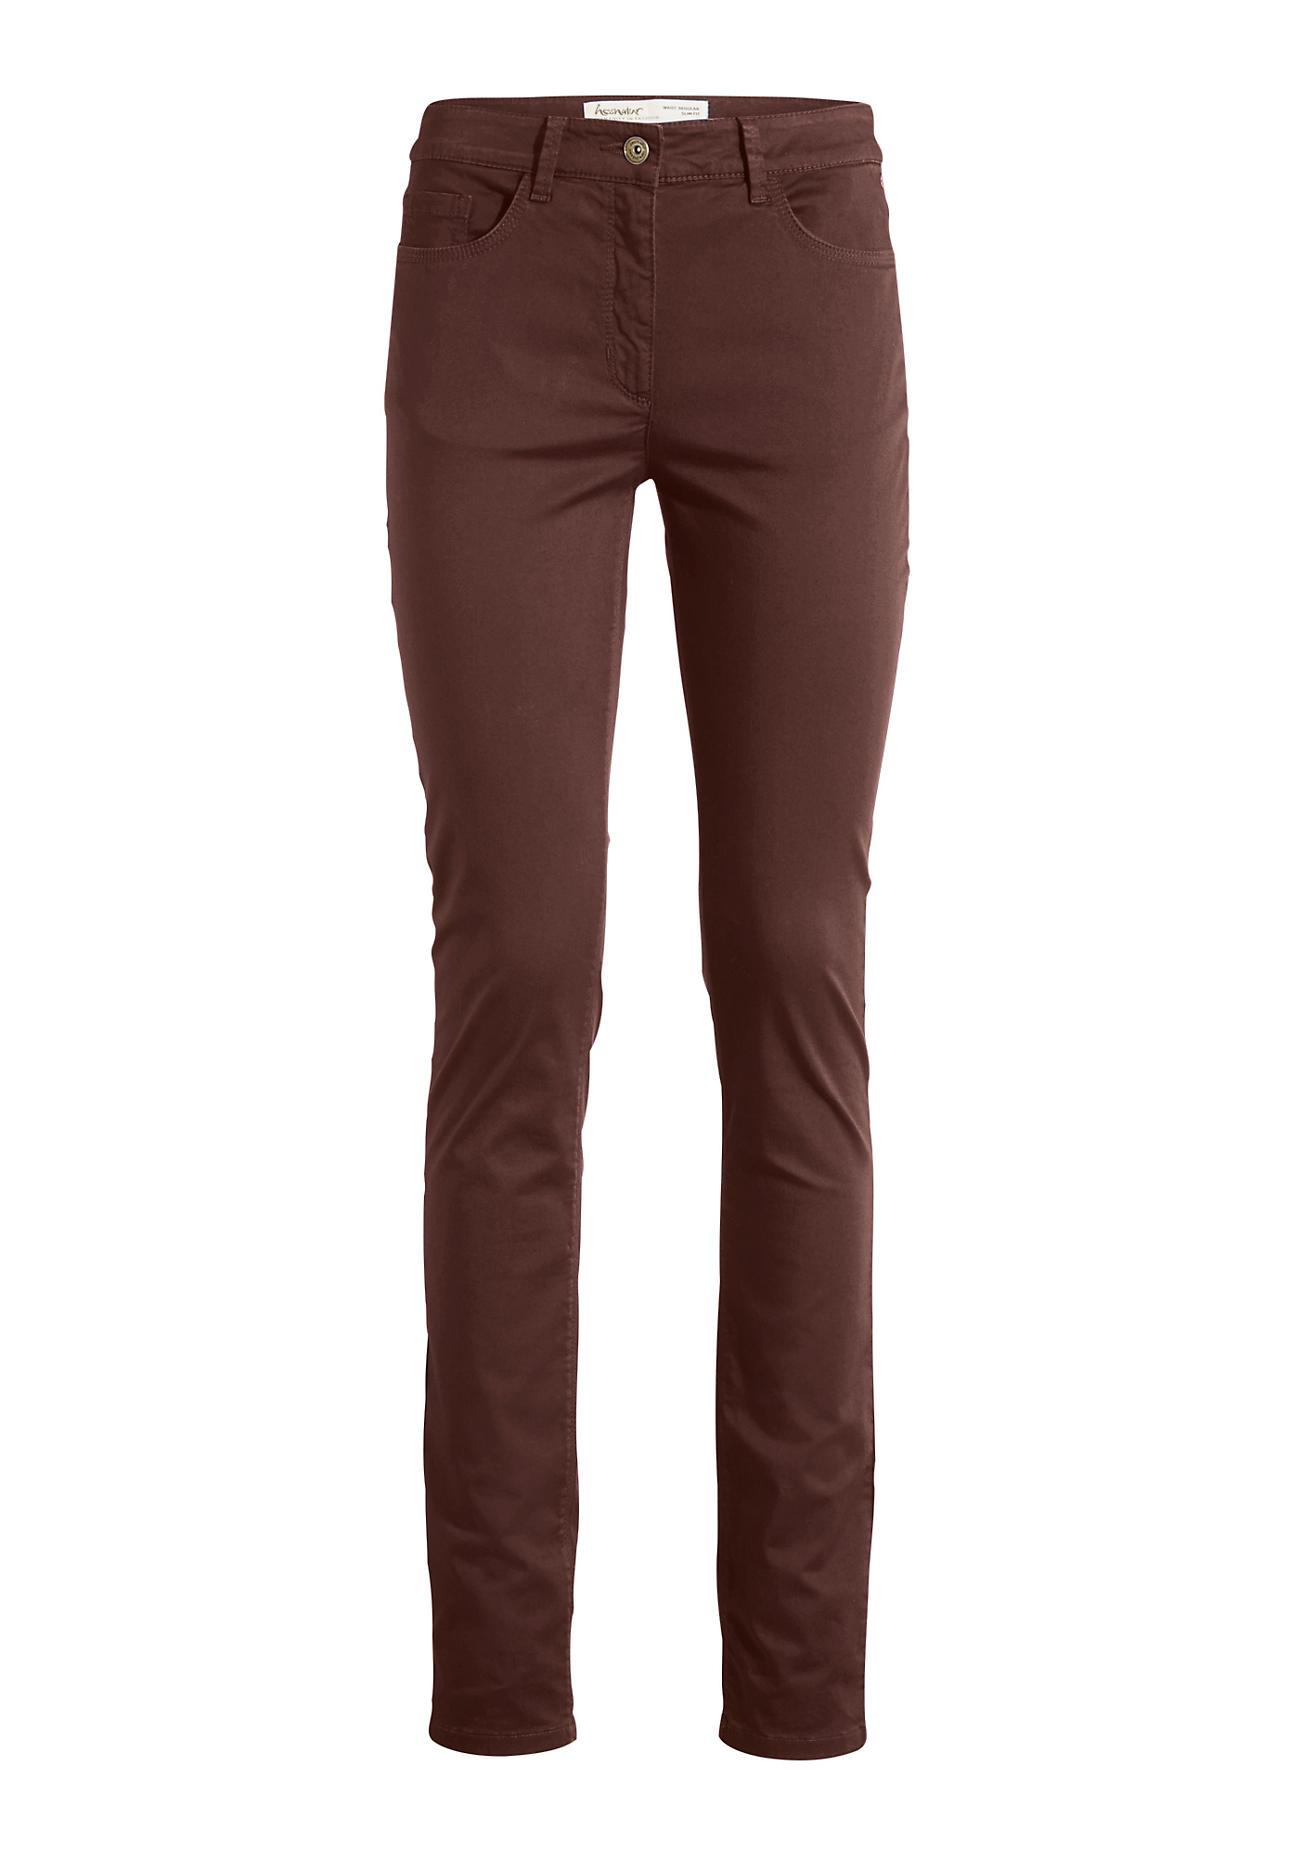 Hosen für Frauen - hessnatur Damen Hose Slim Fit aus Bio Baumwolle – rot –  - Onlineshop Hessnatur